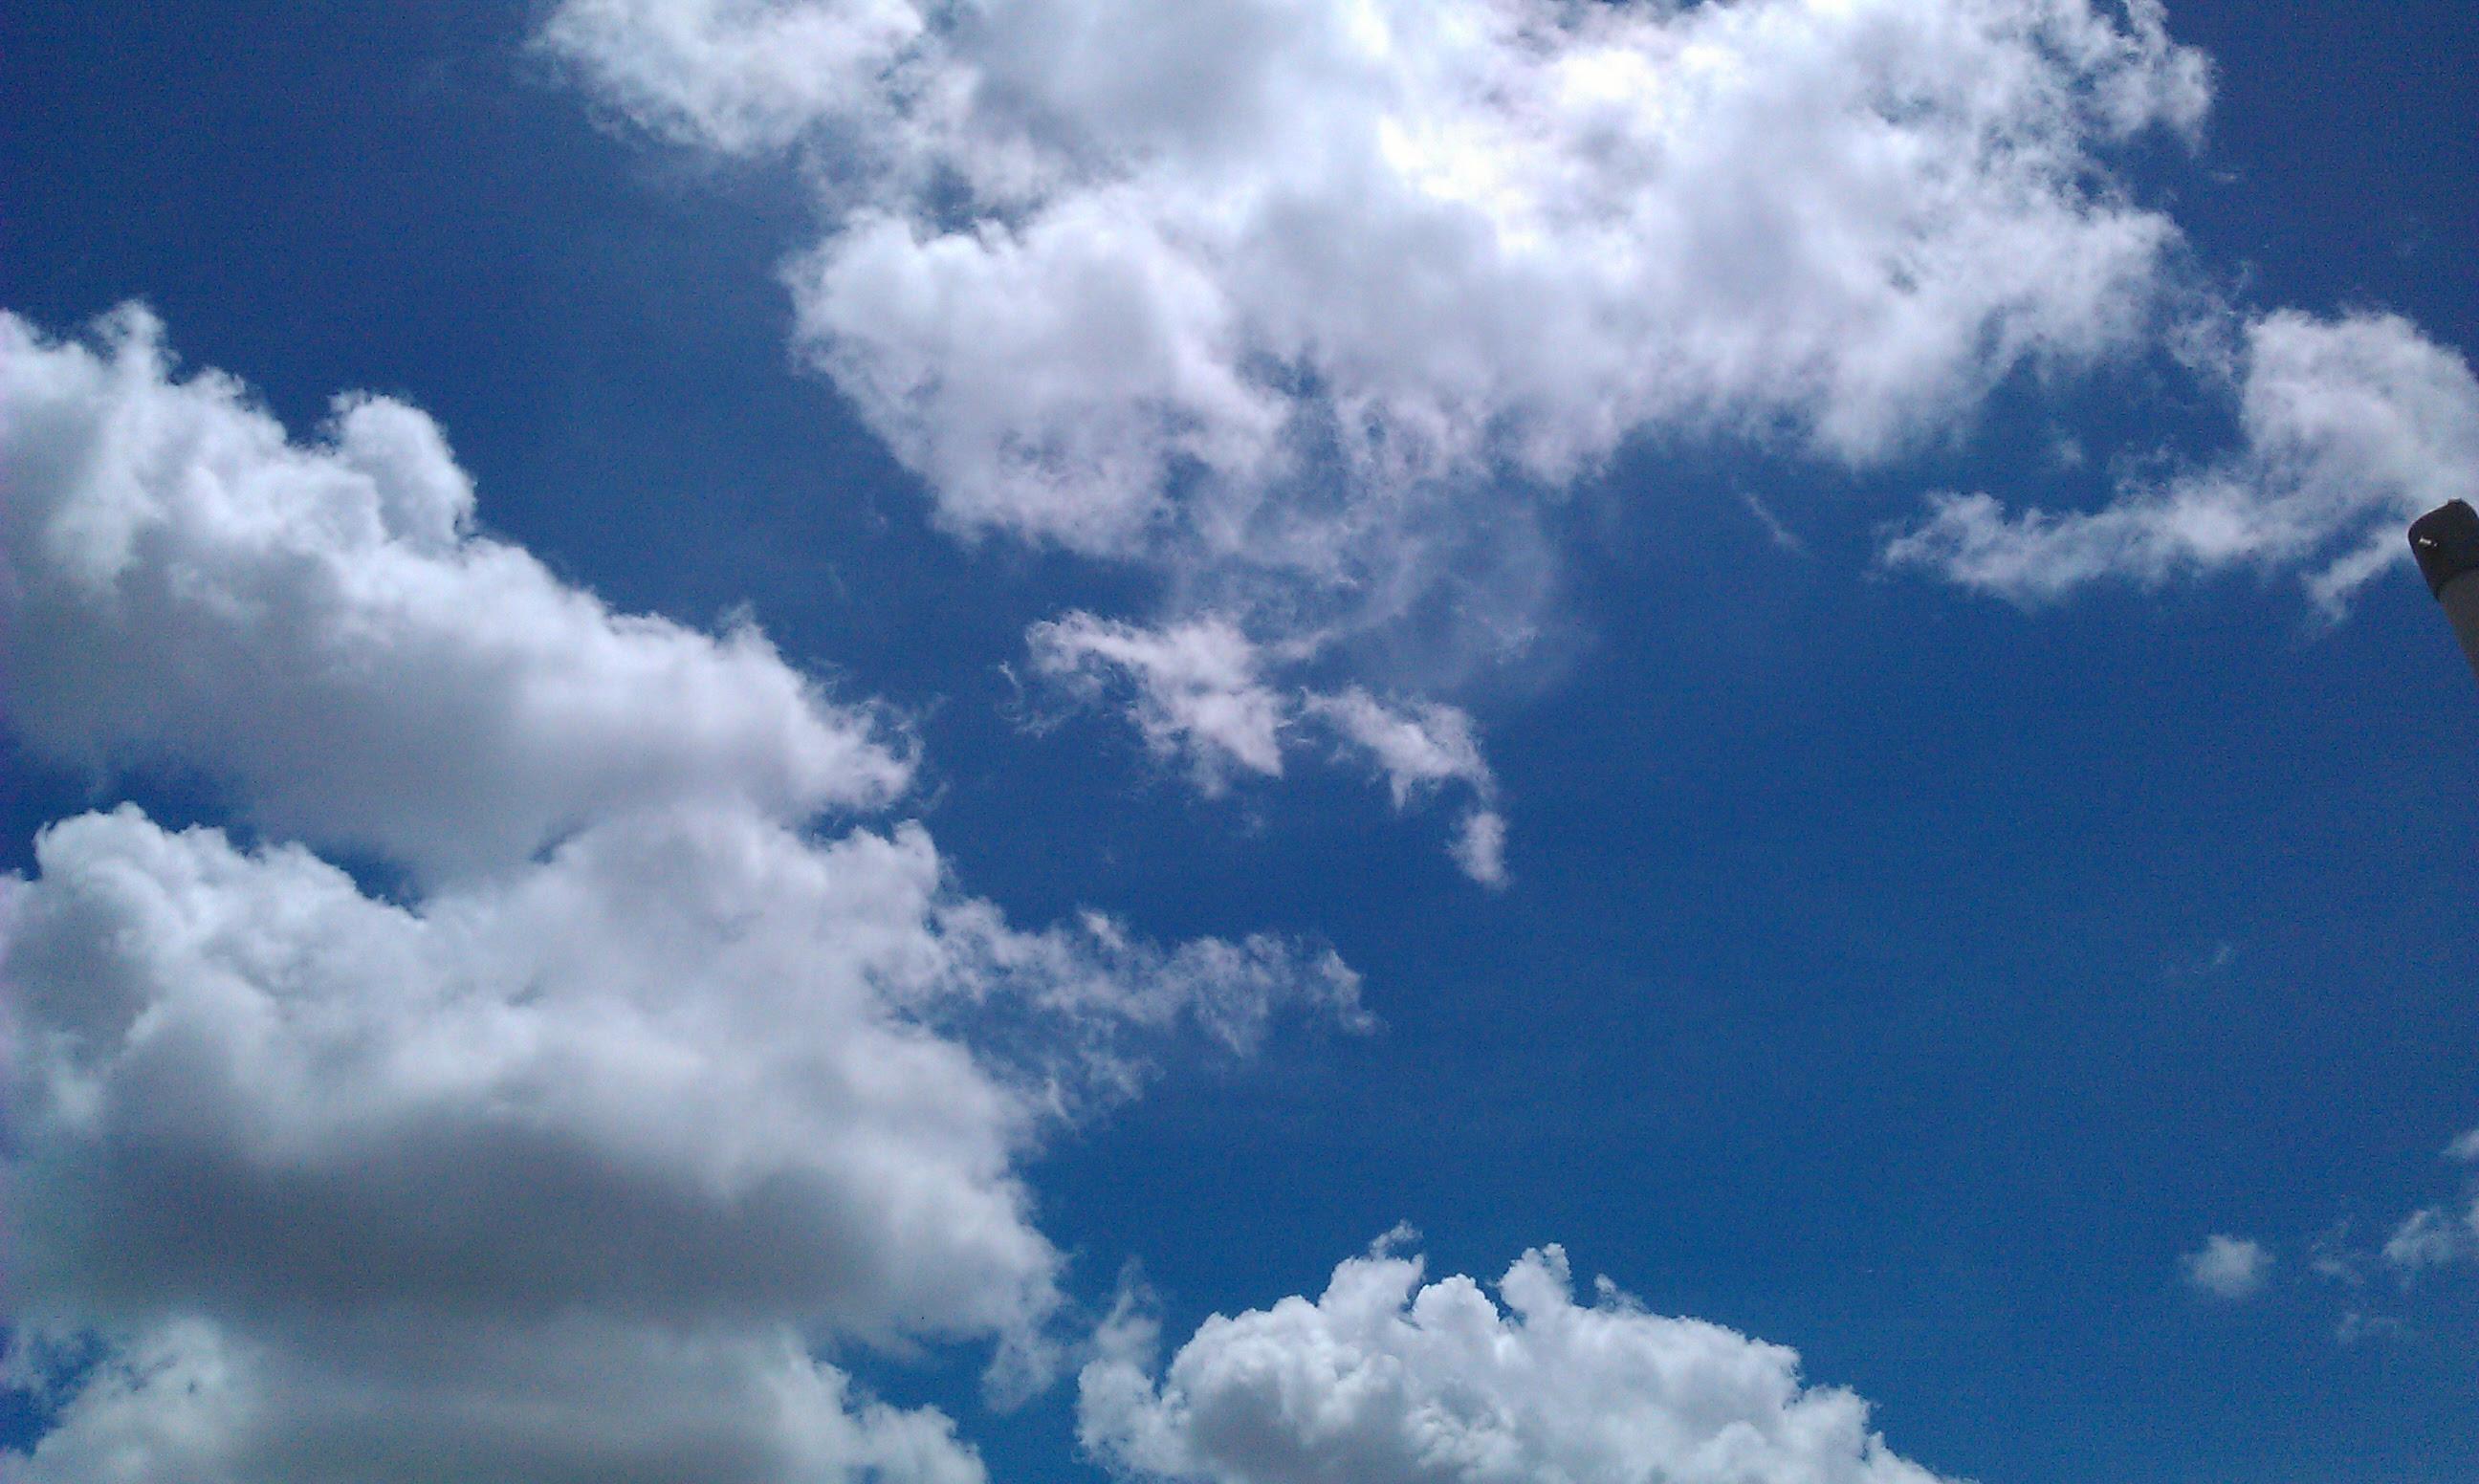 langit cerah 1 catatan abdurrisyad fikri